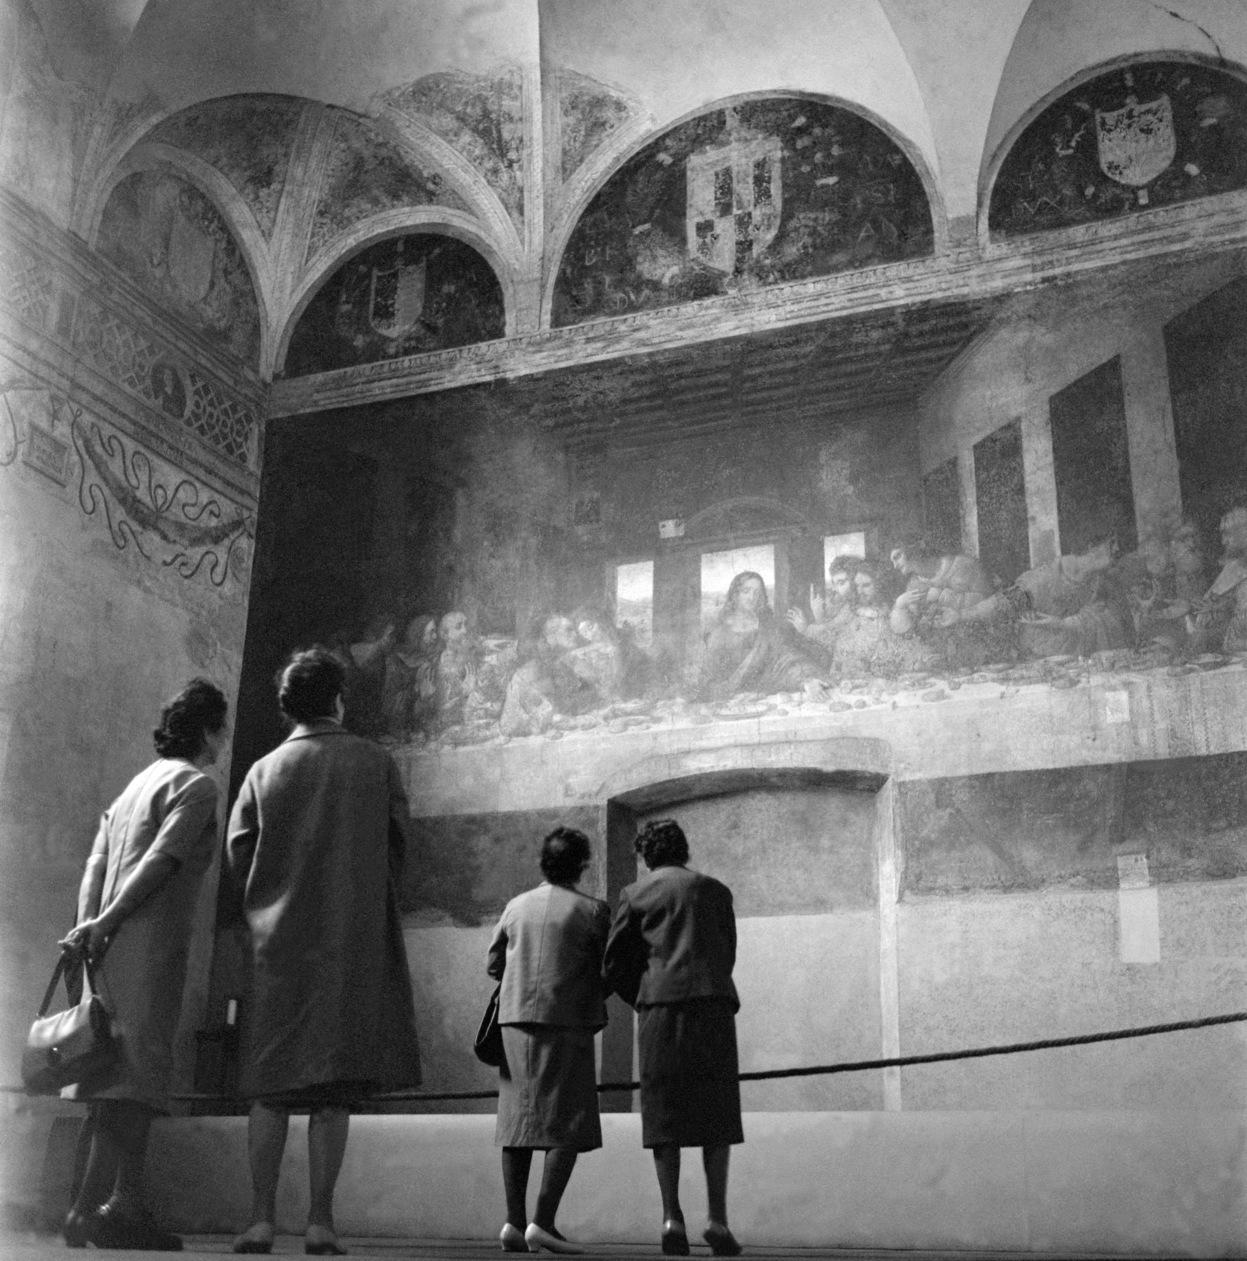 Milanó, 1964. április 24. Érdeklődők nézik Leonardo da Vinci egyik legismertebb alkotását, az Utolsó vacsora című freskót a 15. században reneszánsz stílusban épült Santa Maria delle Grazie-templomban. MTI Fotó: Bürger Gertrúd